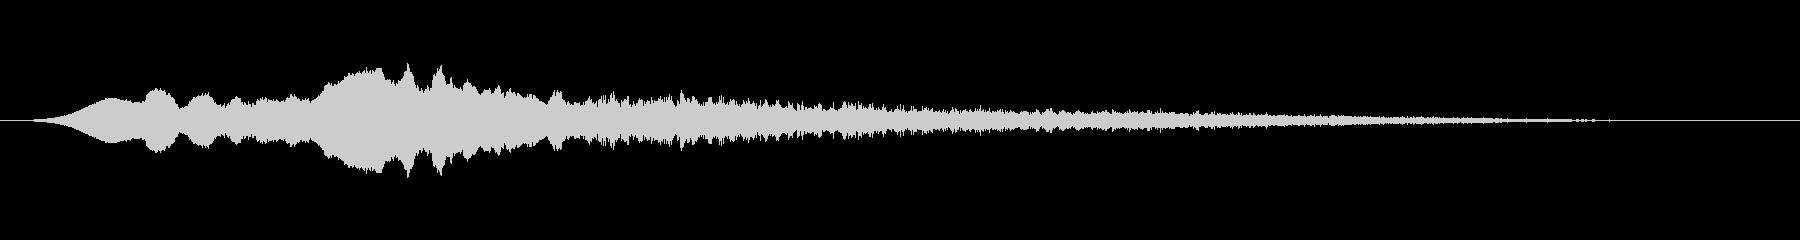 かみそりの鳴き声2の未再生の波形